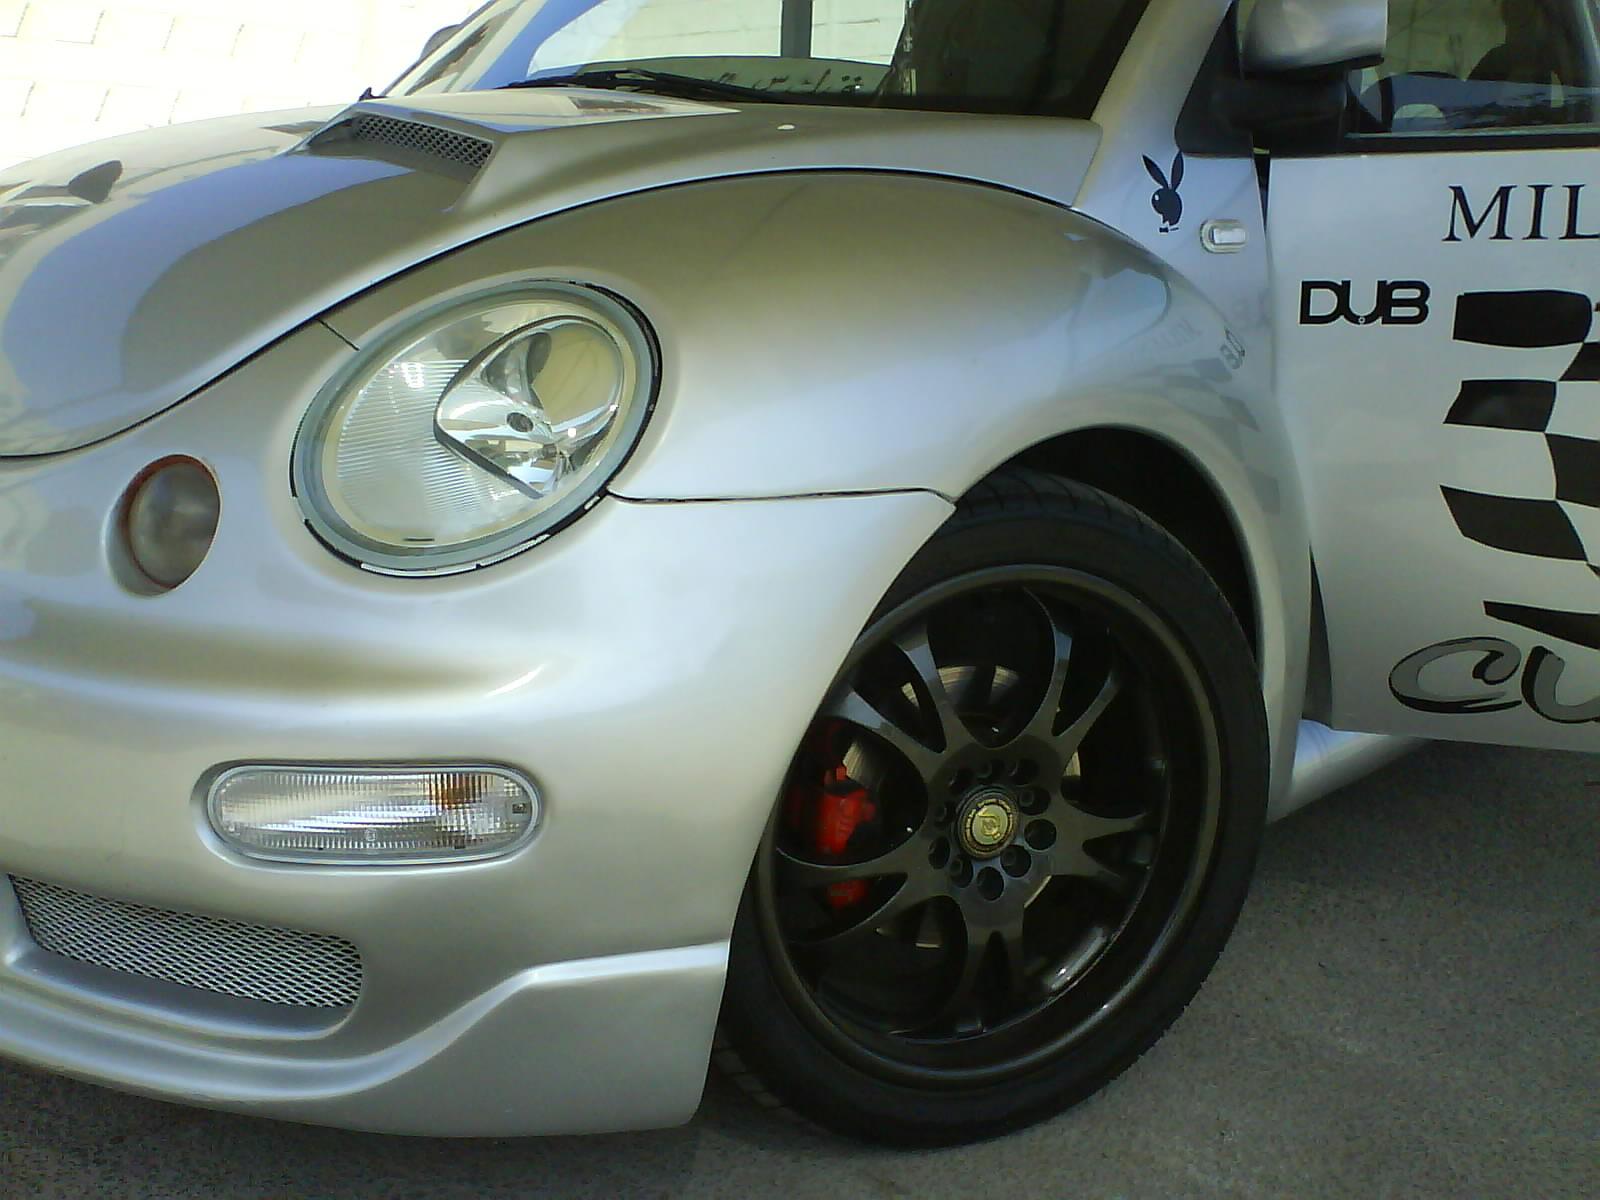 Volkswagen Beetle Turbo S - Pictures - 2002 Volkswagen Beetle Turbo S ...